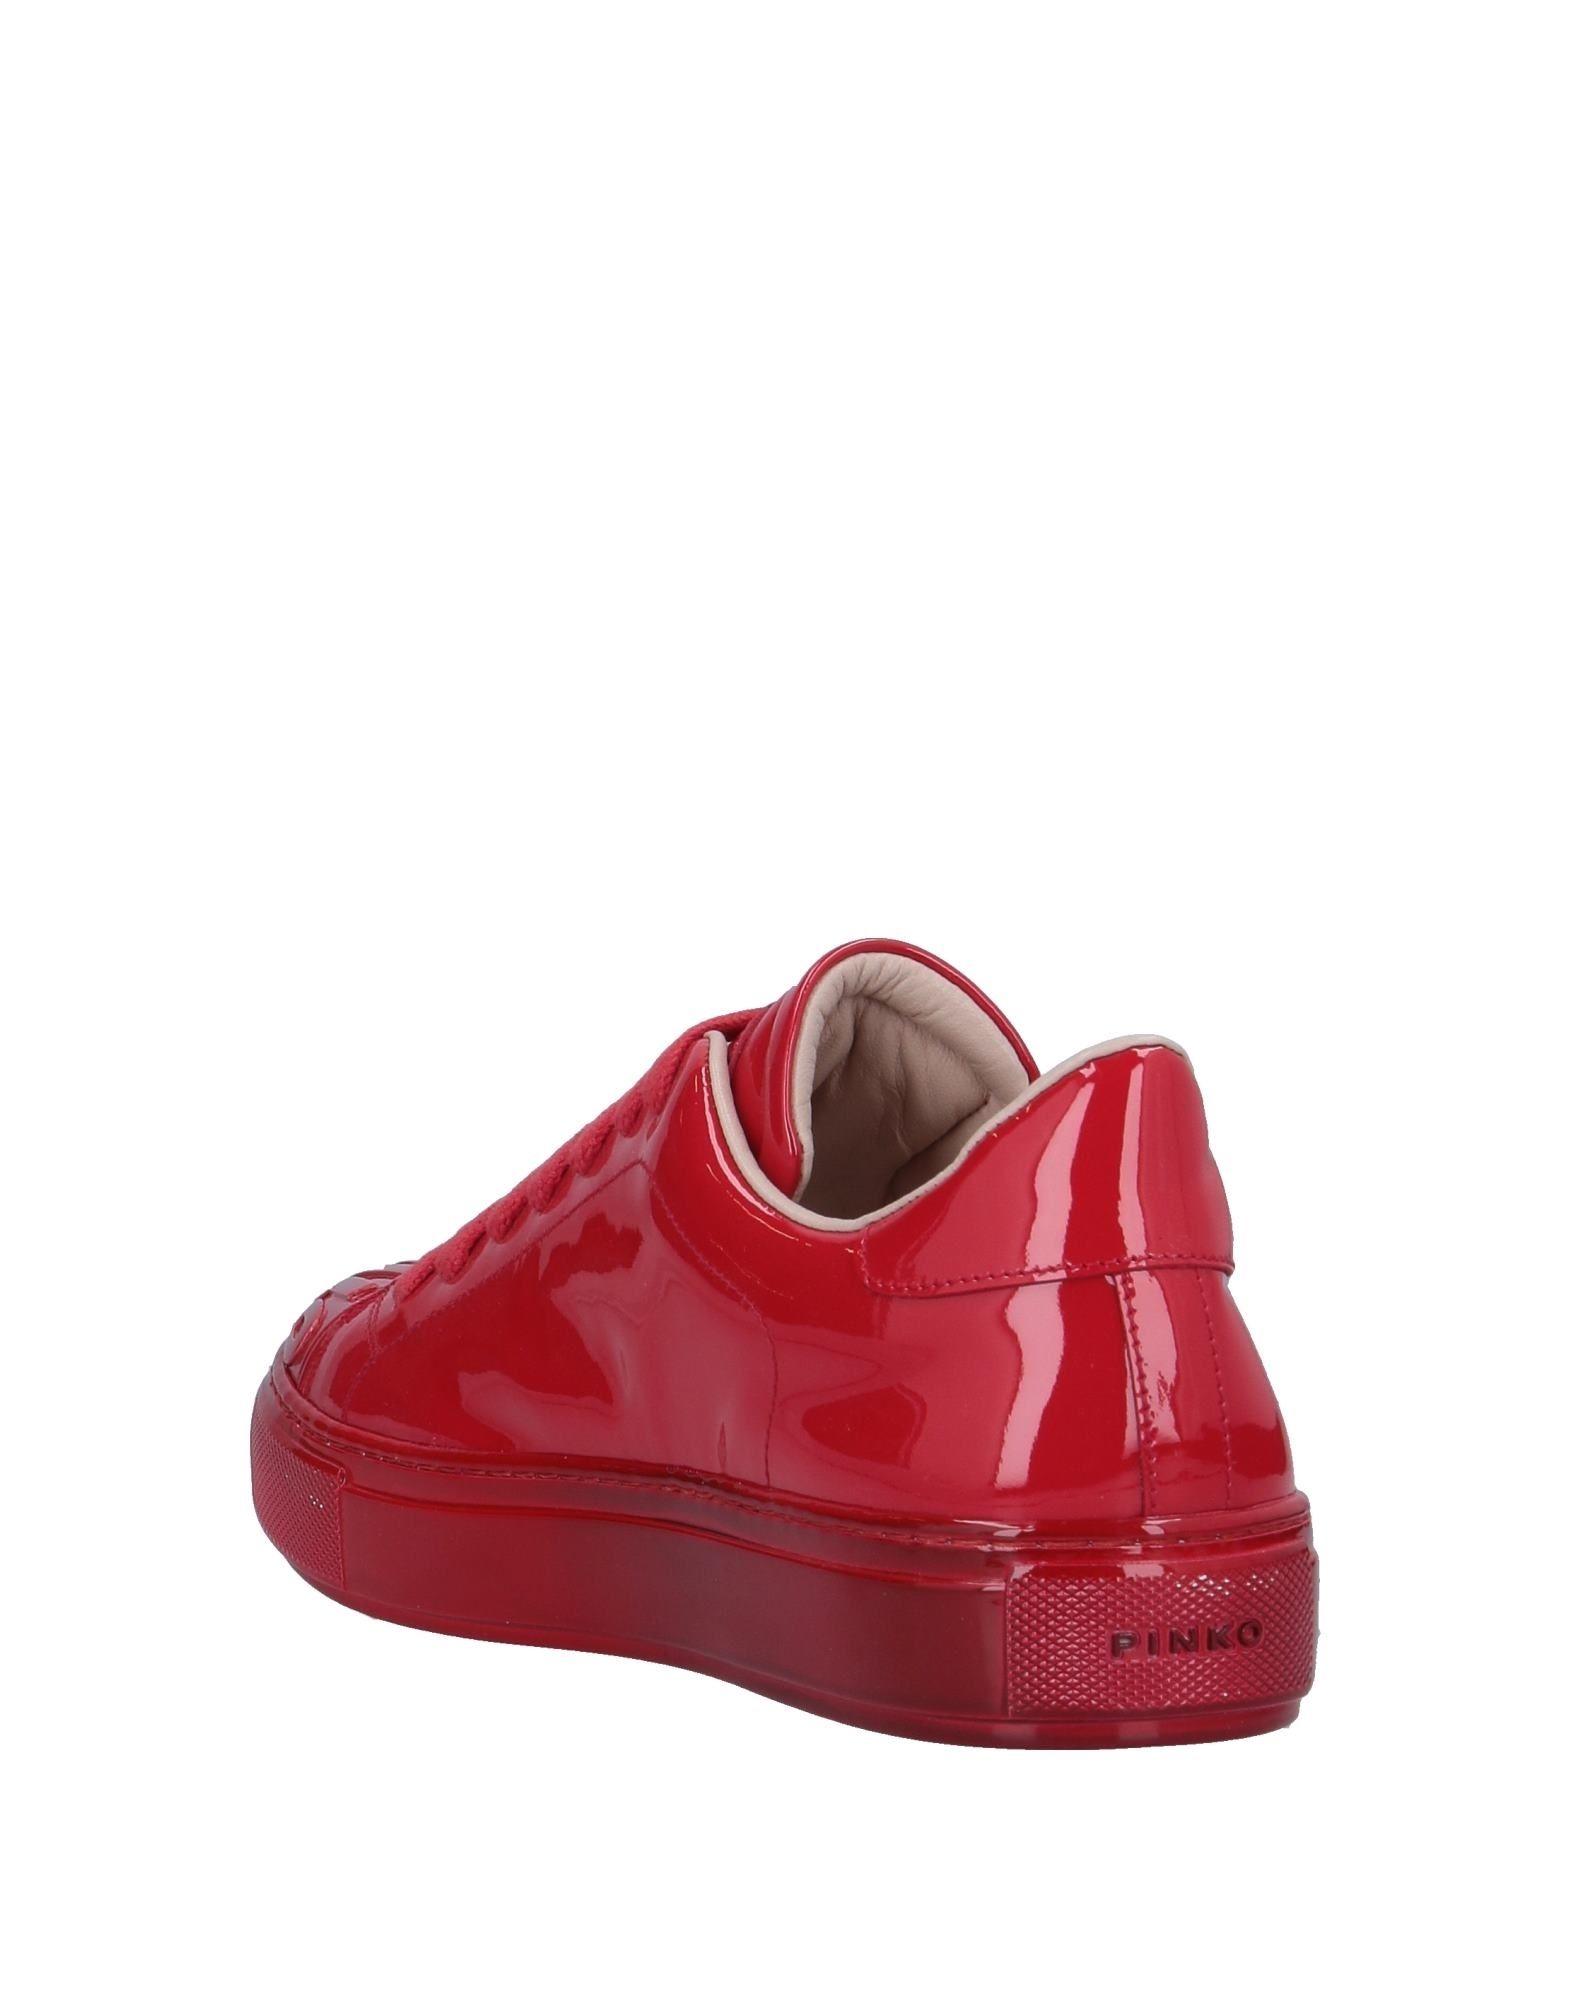 Gut um billige Schuhe zu tragenPinko tragenPinko tragenPinko Sneakers Damen  11528035CQ 6bfc94